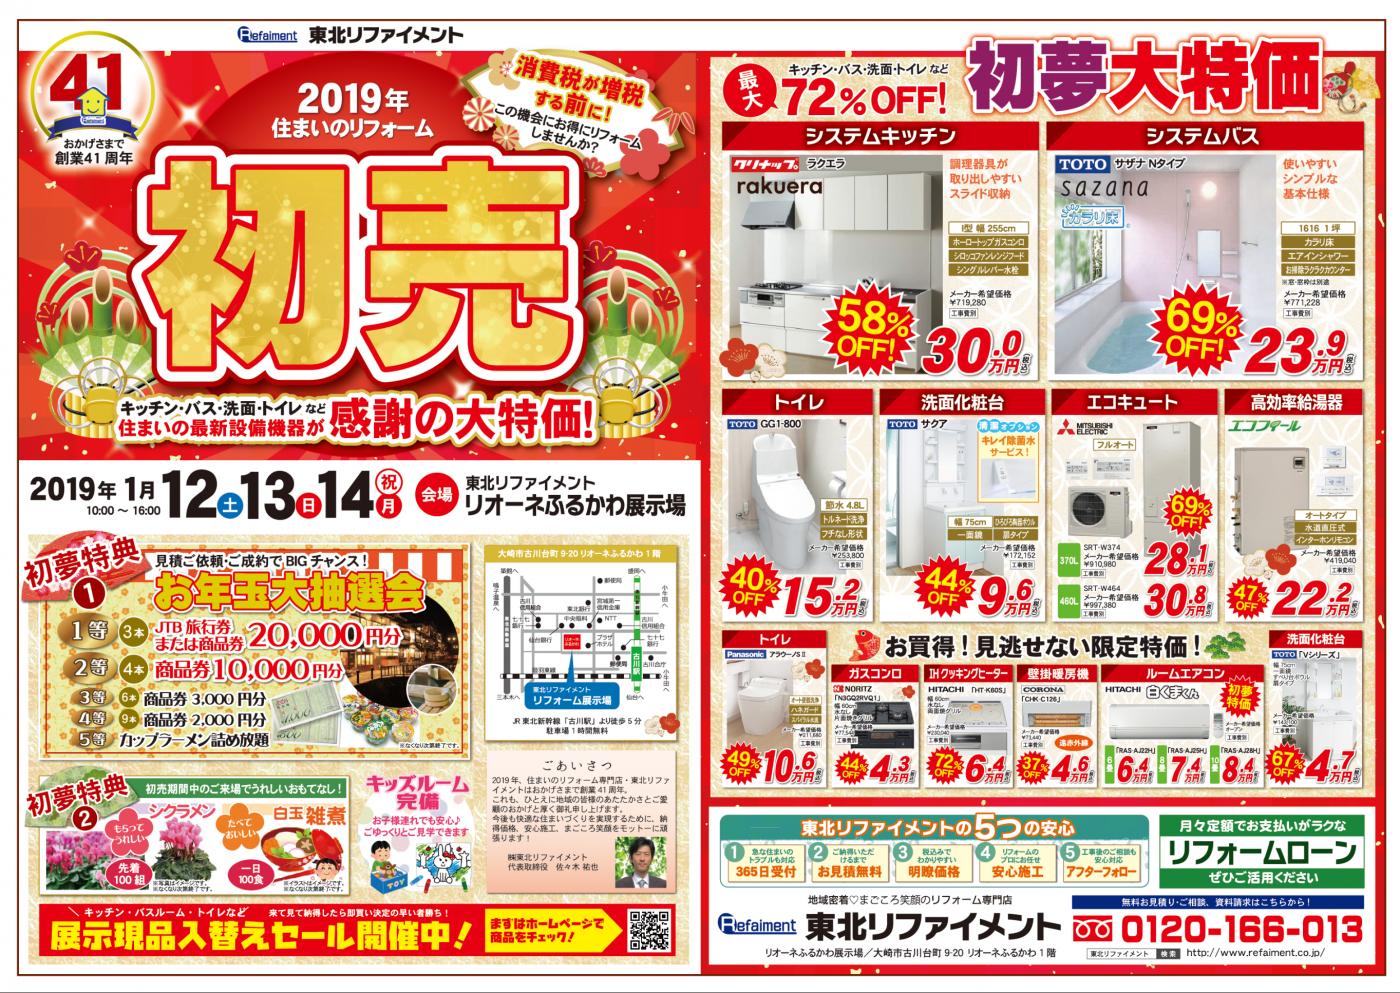 広告(2019_01_12~14) リオーネ初売 B3 OTL 表2